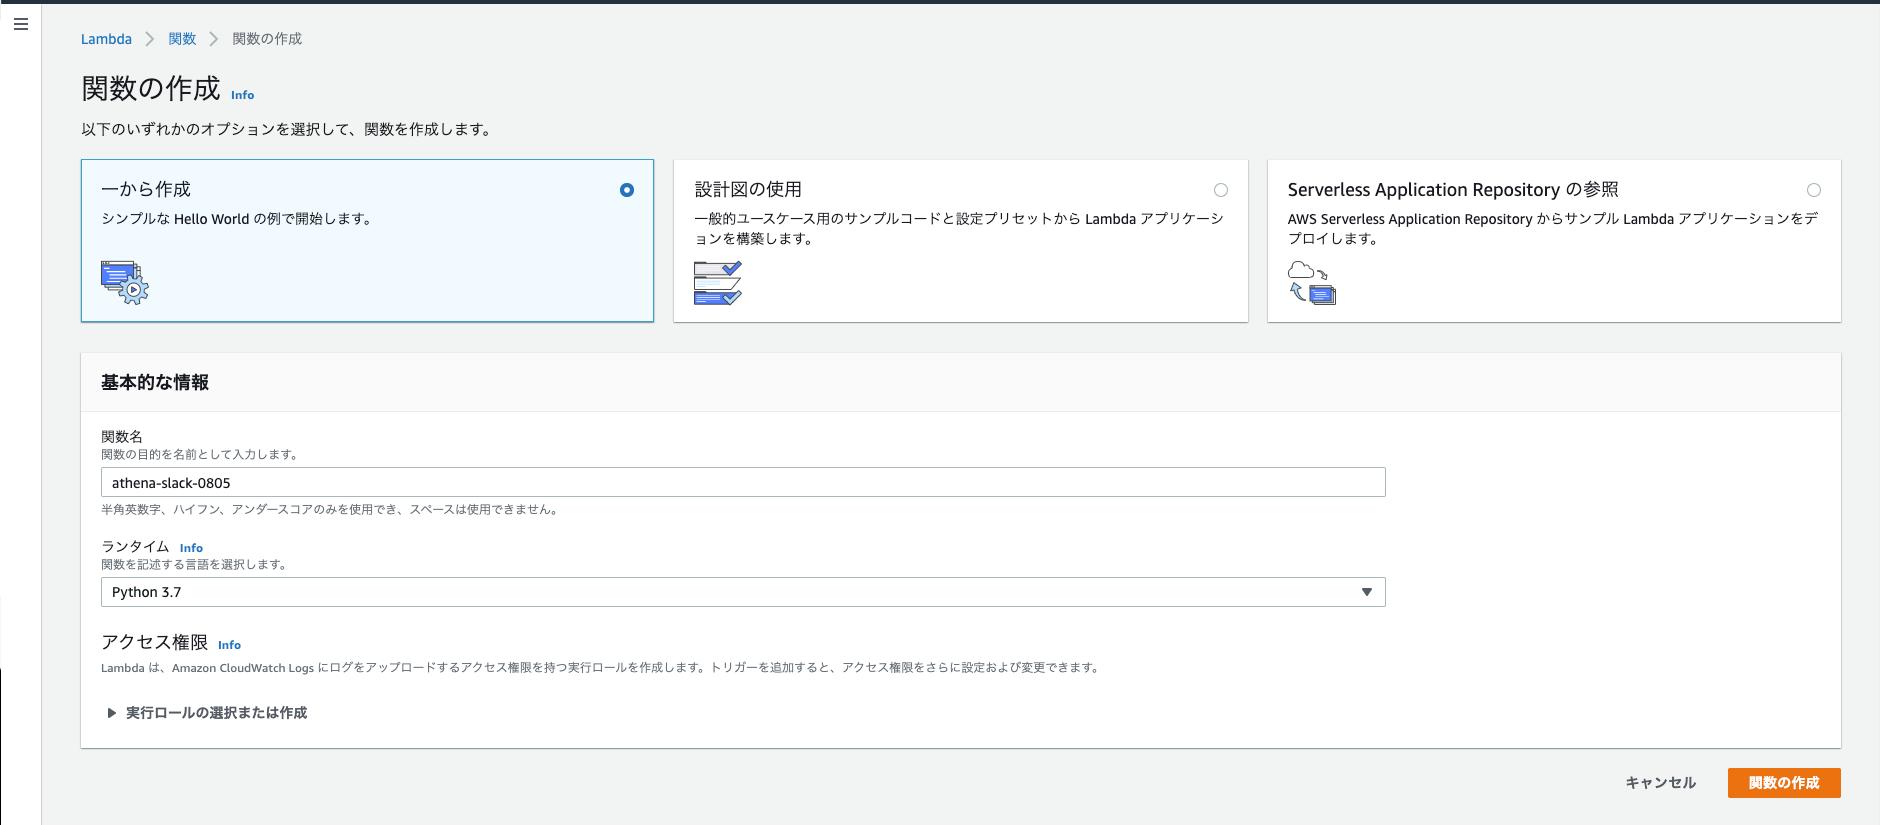 スクリーンショット 2020-08-05 10.50.16.png (163.8 kB)